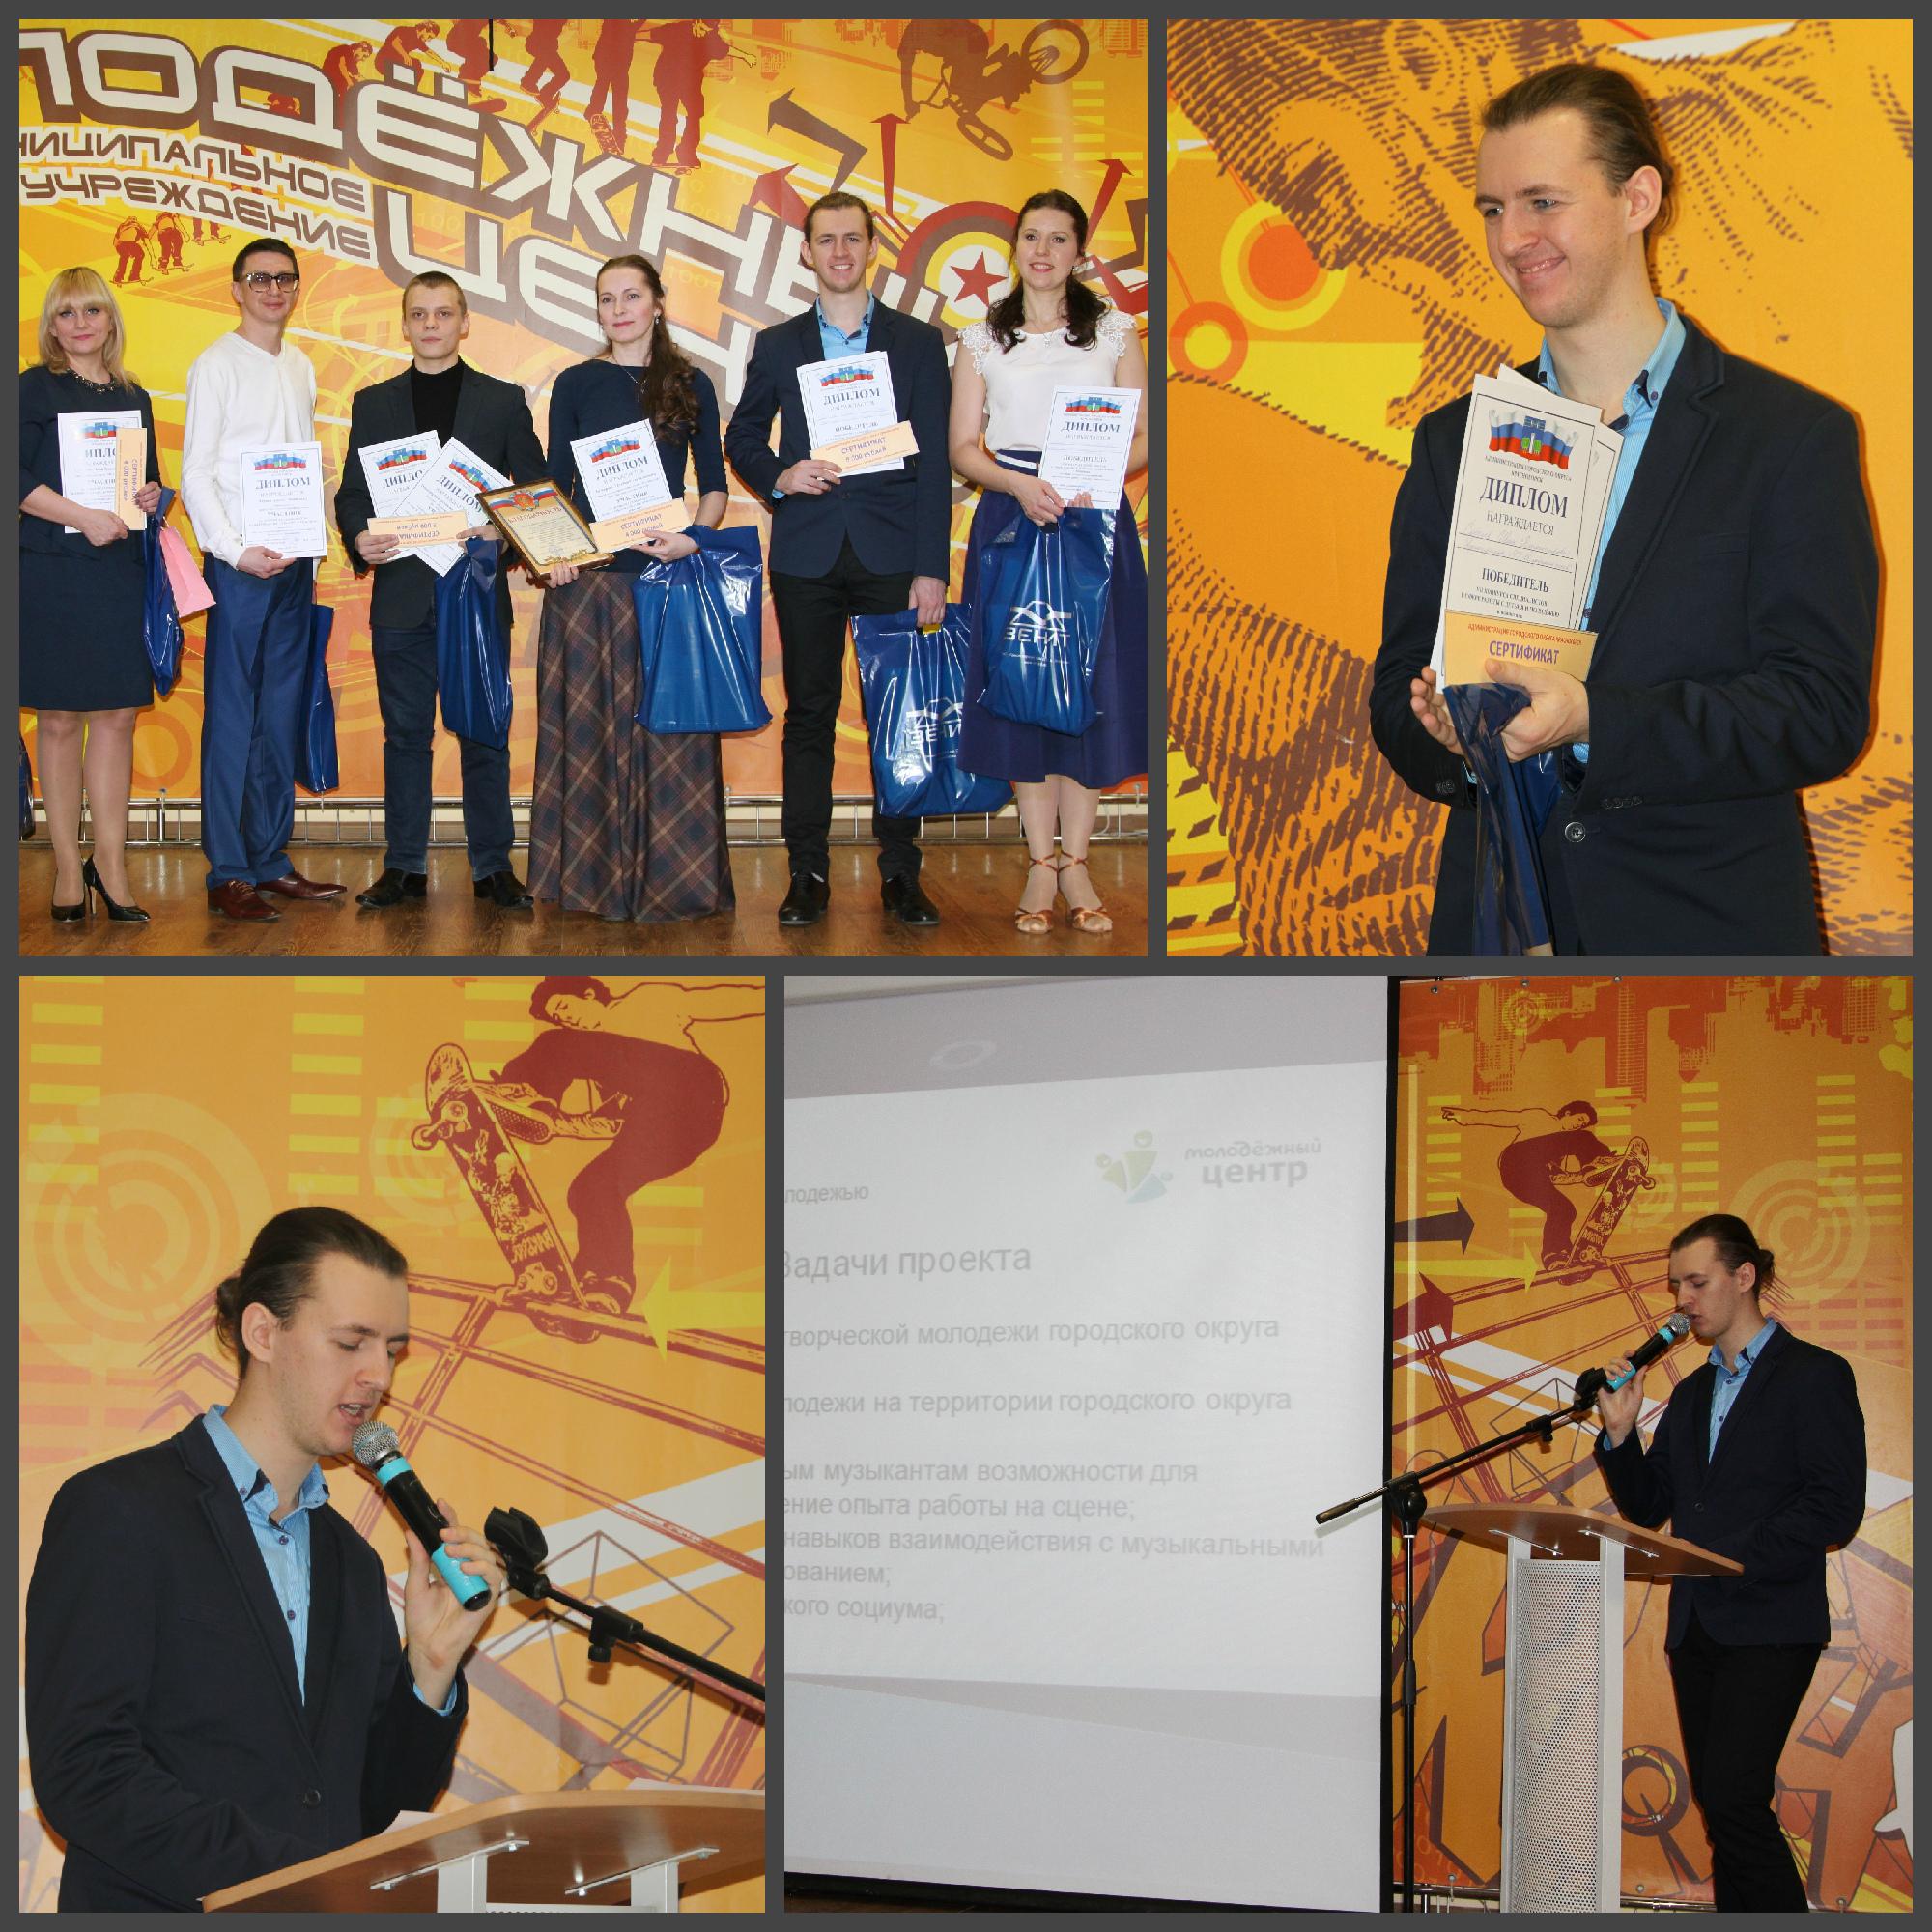 Иван Соболев стал лауреатом VII муниципального конкурса специалистов в сфере работы с детьми и молодежью